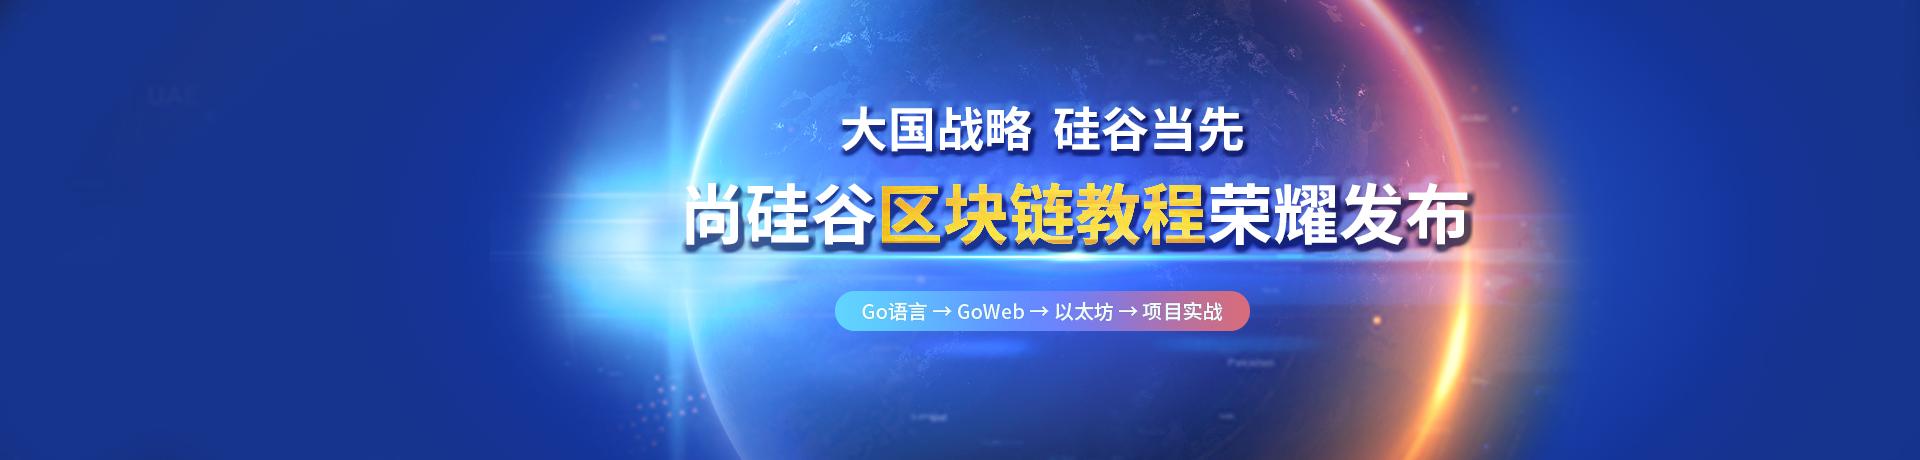 尚硅谷-Golang编程从入门到区块链项目实践